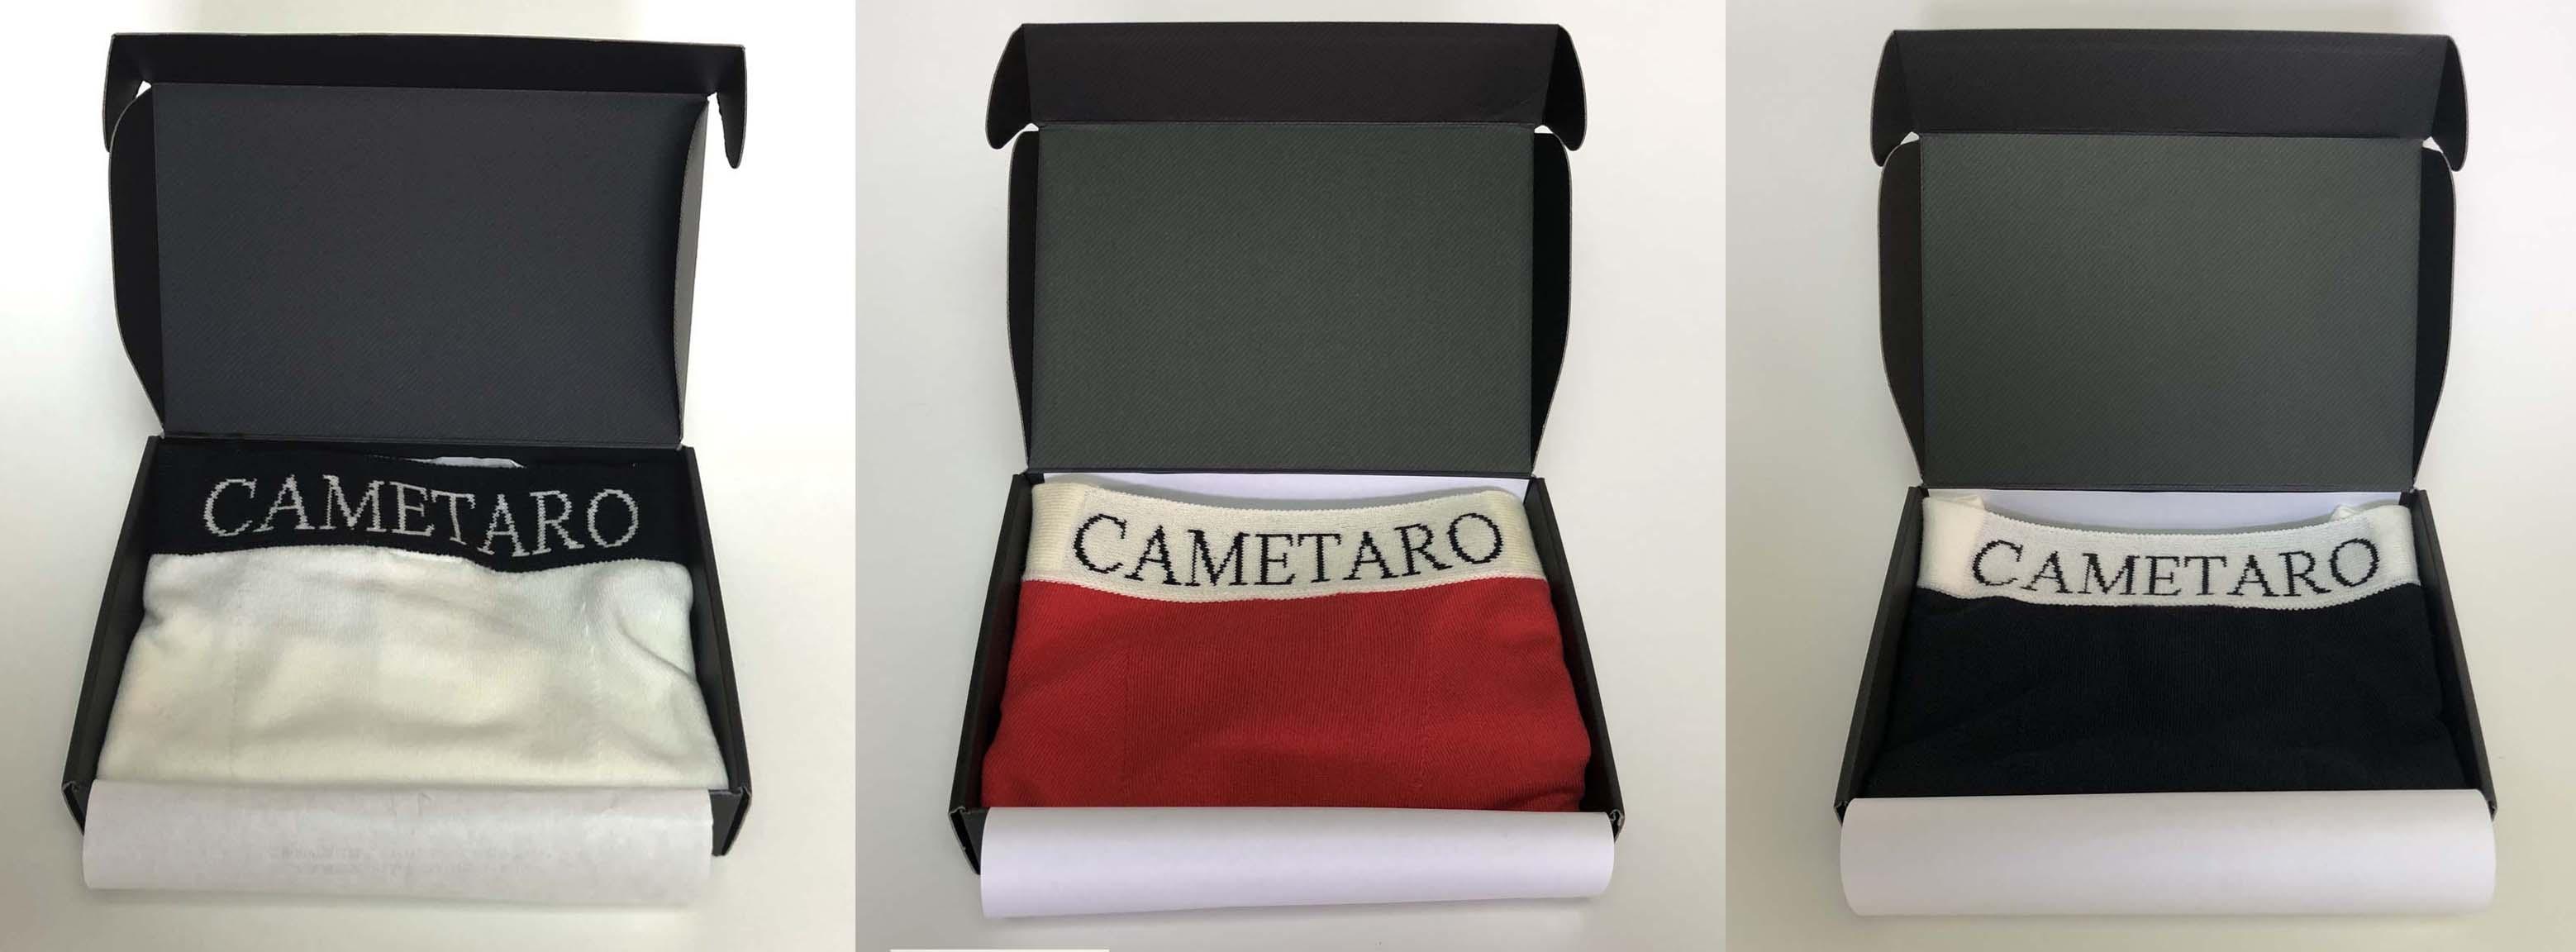 cameDSC_0042